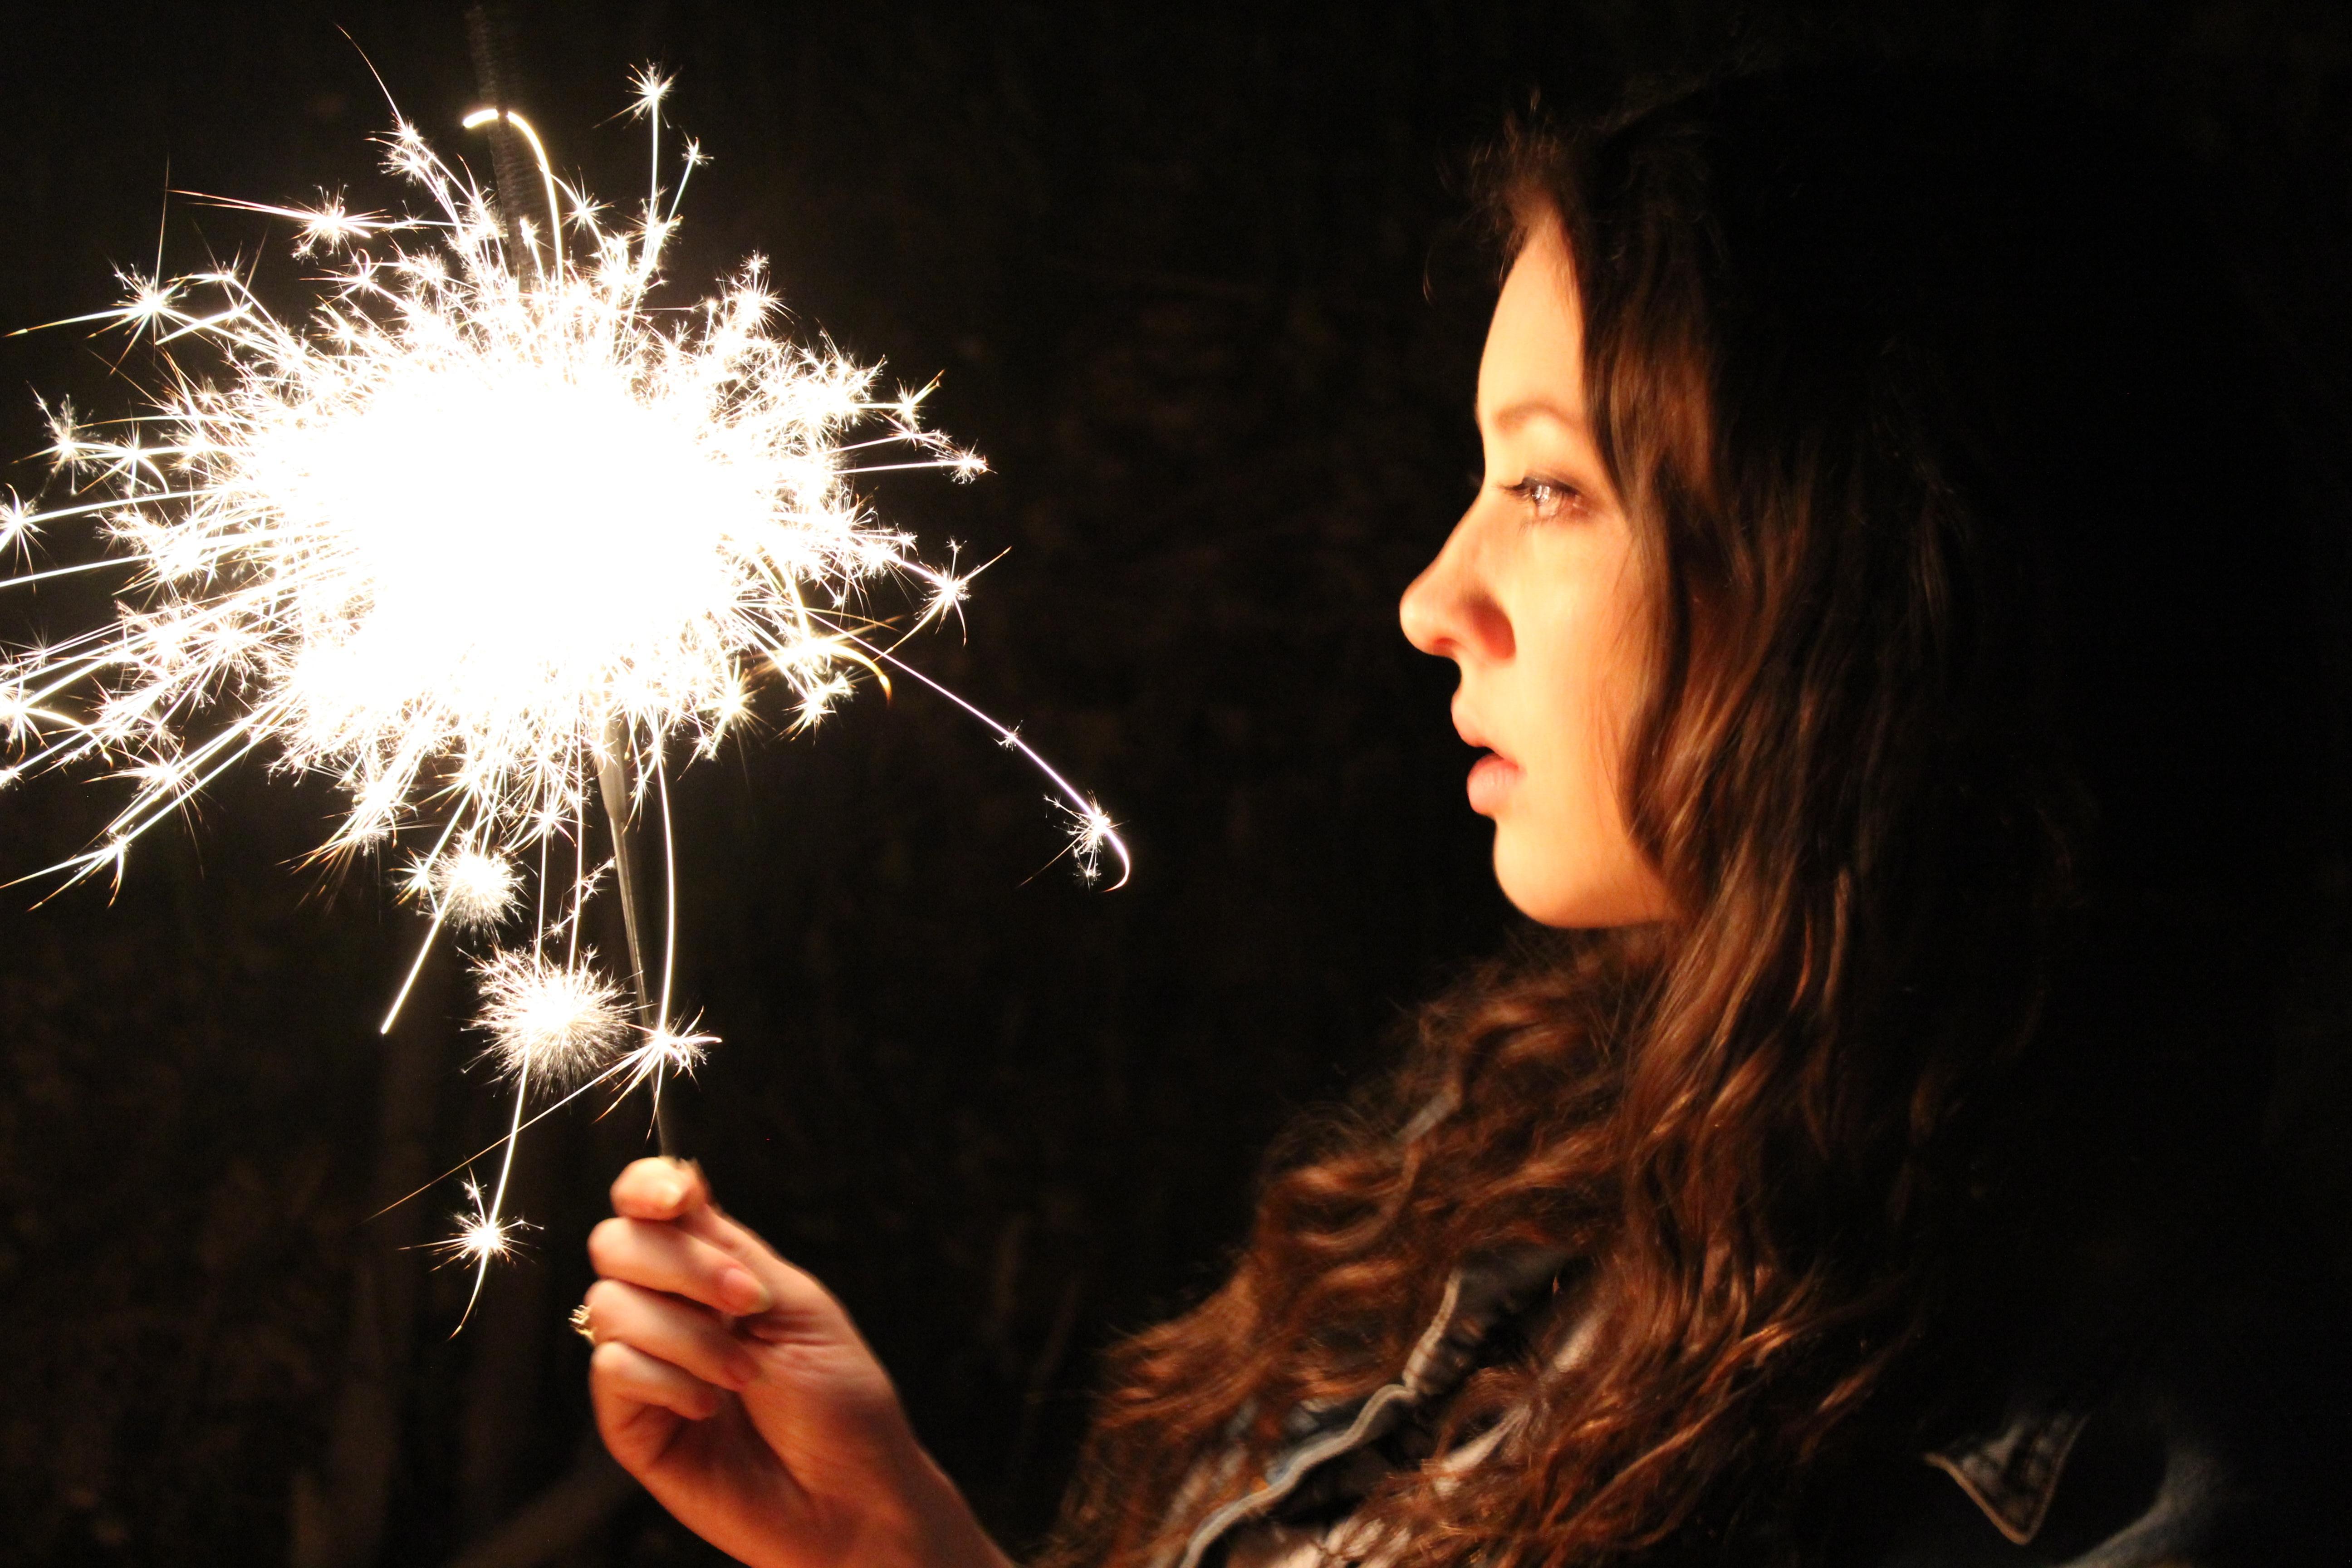 Девушка с бенгальскими огнями фото